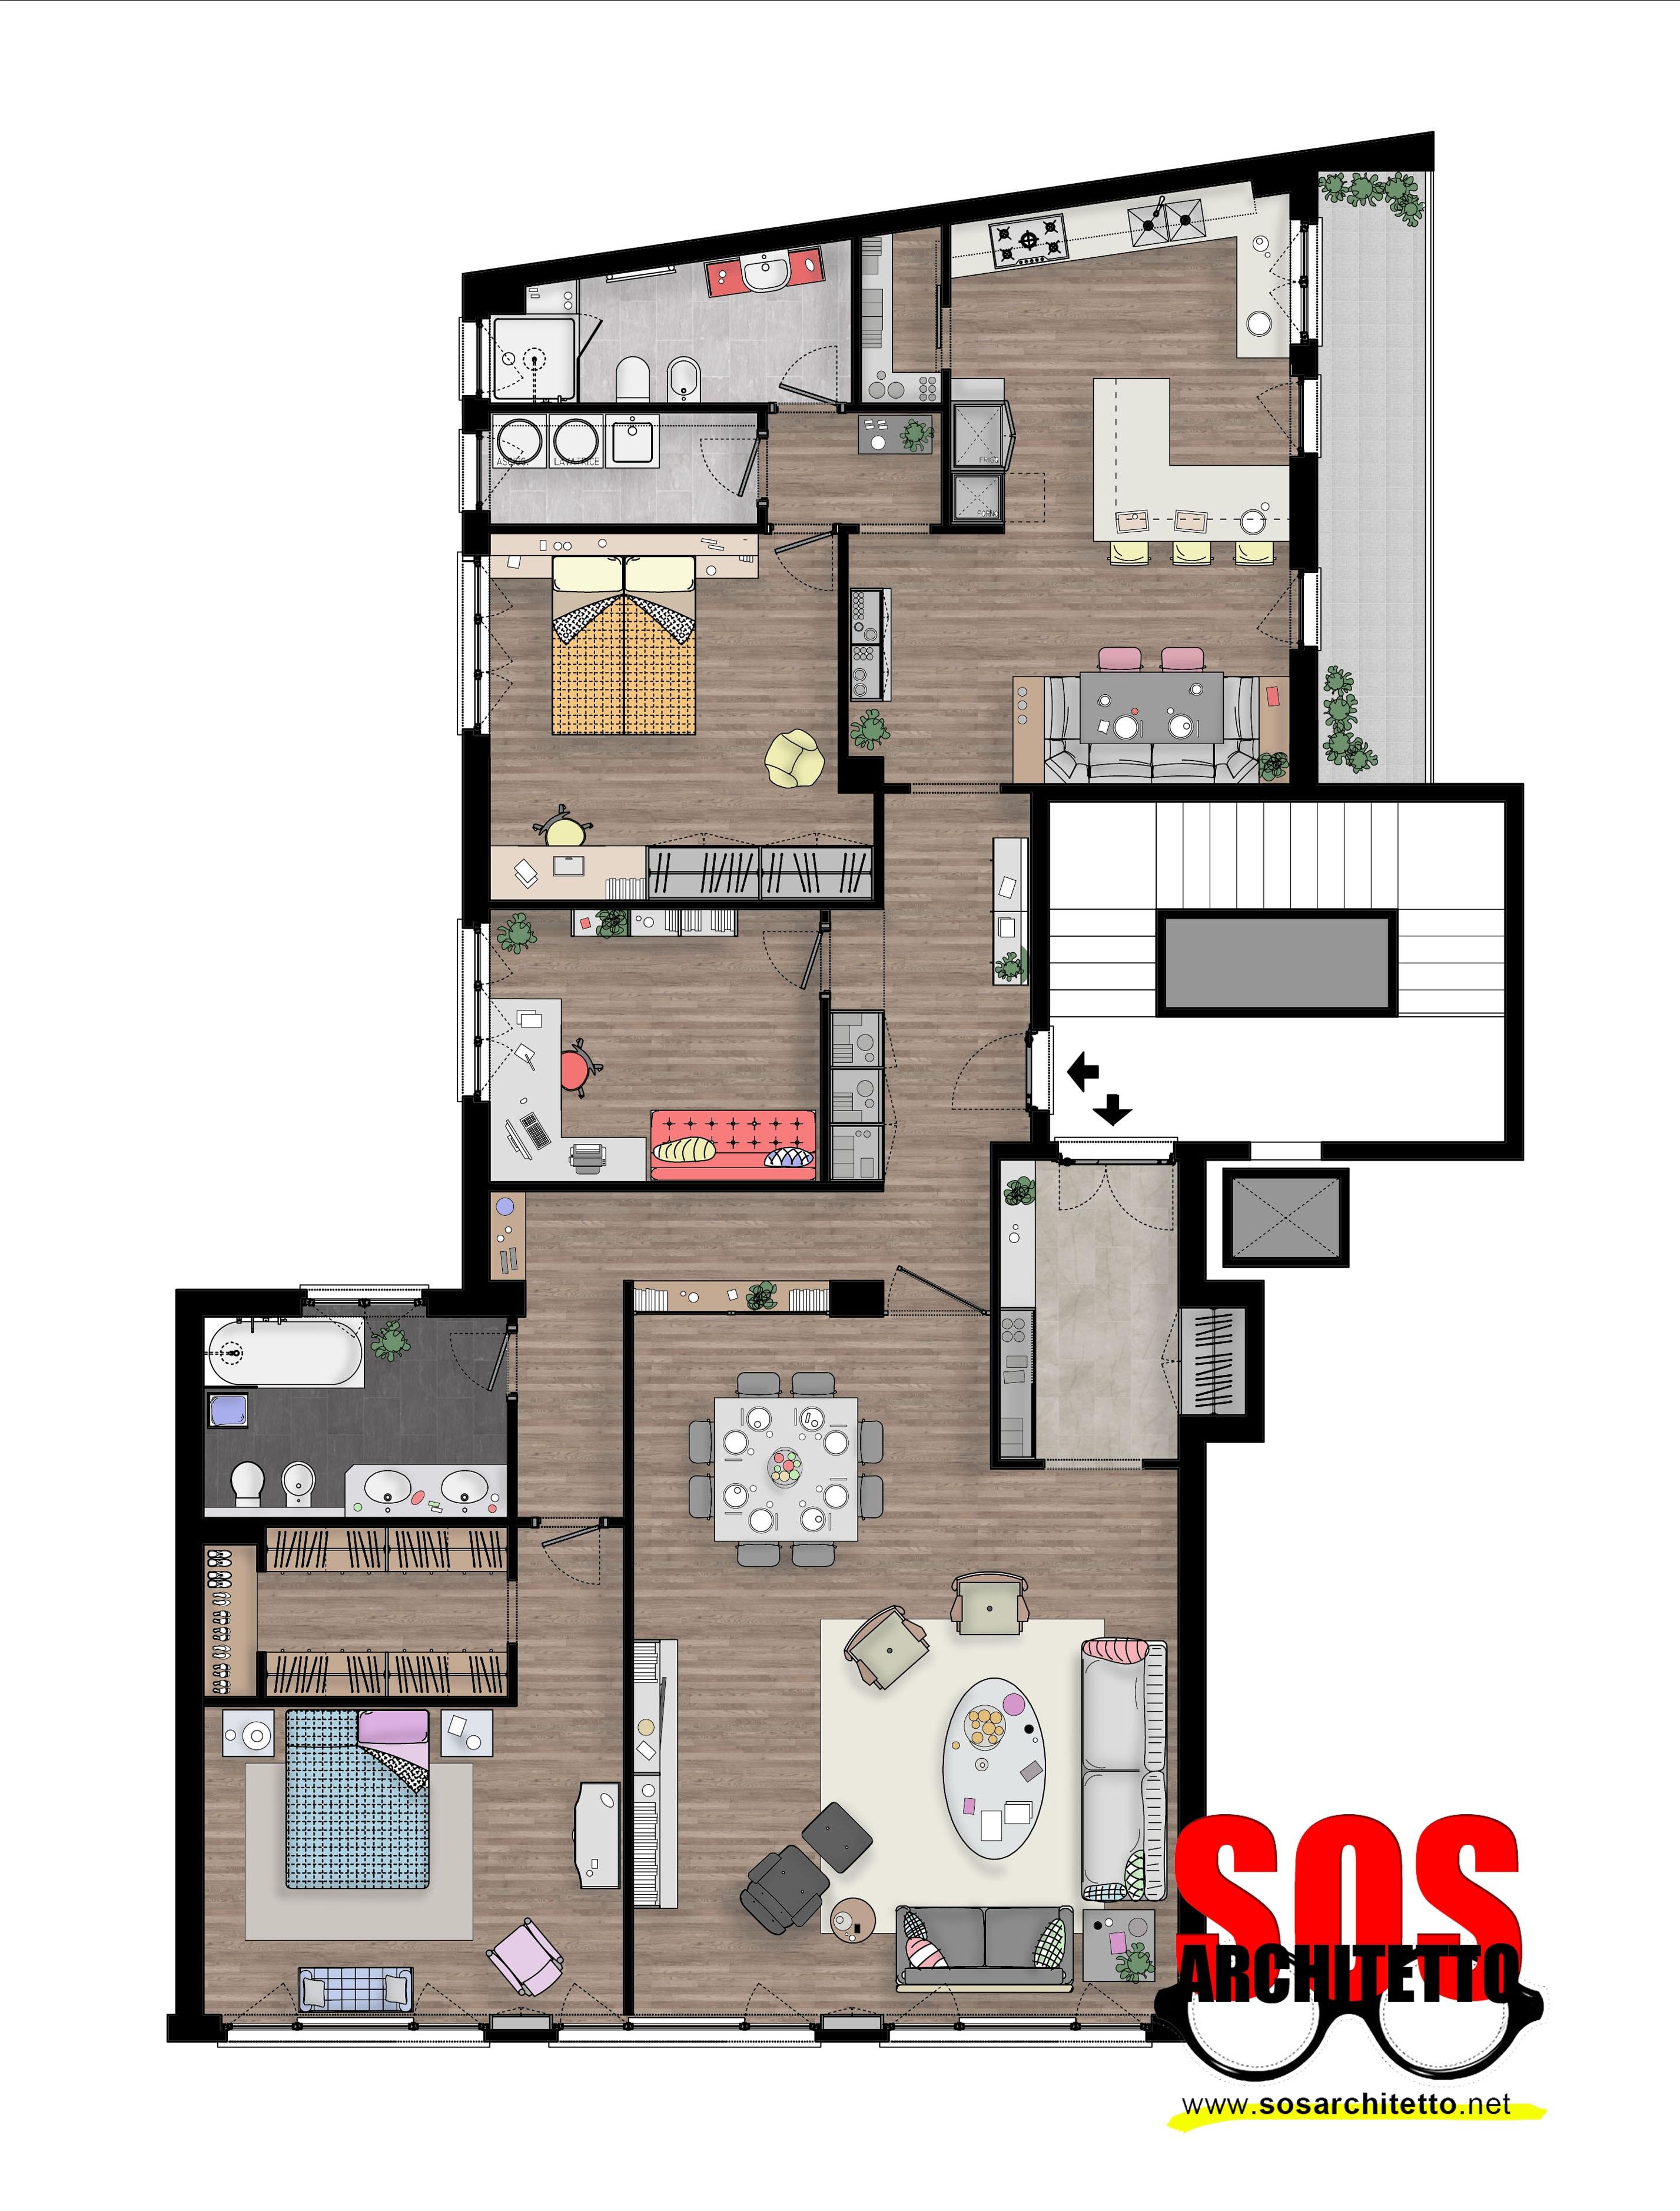 Arredamento casa progetto 019 sos architetto sos for Progetto arredo casa on line